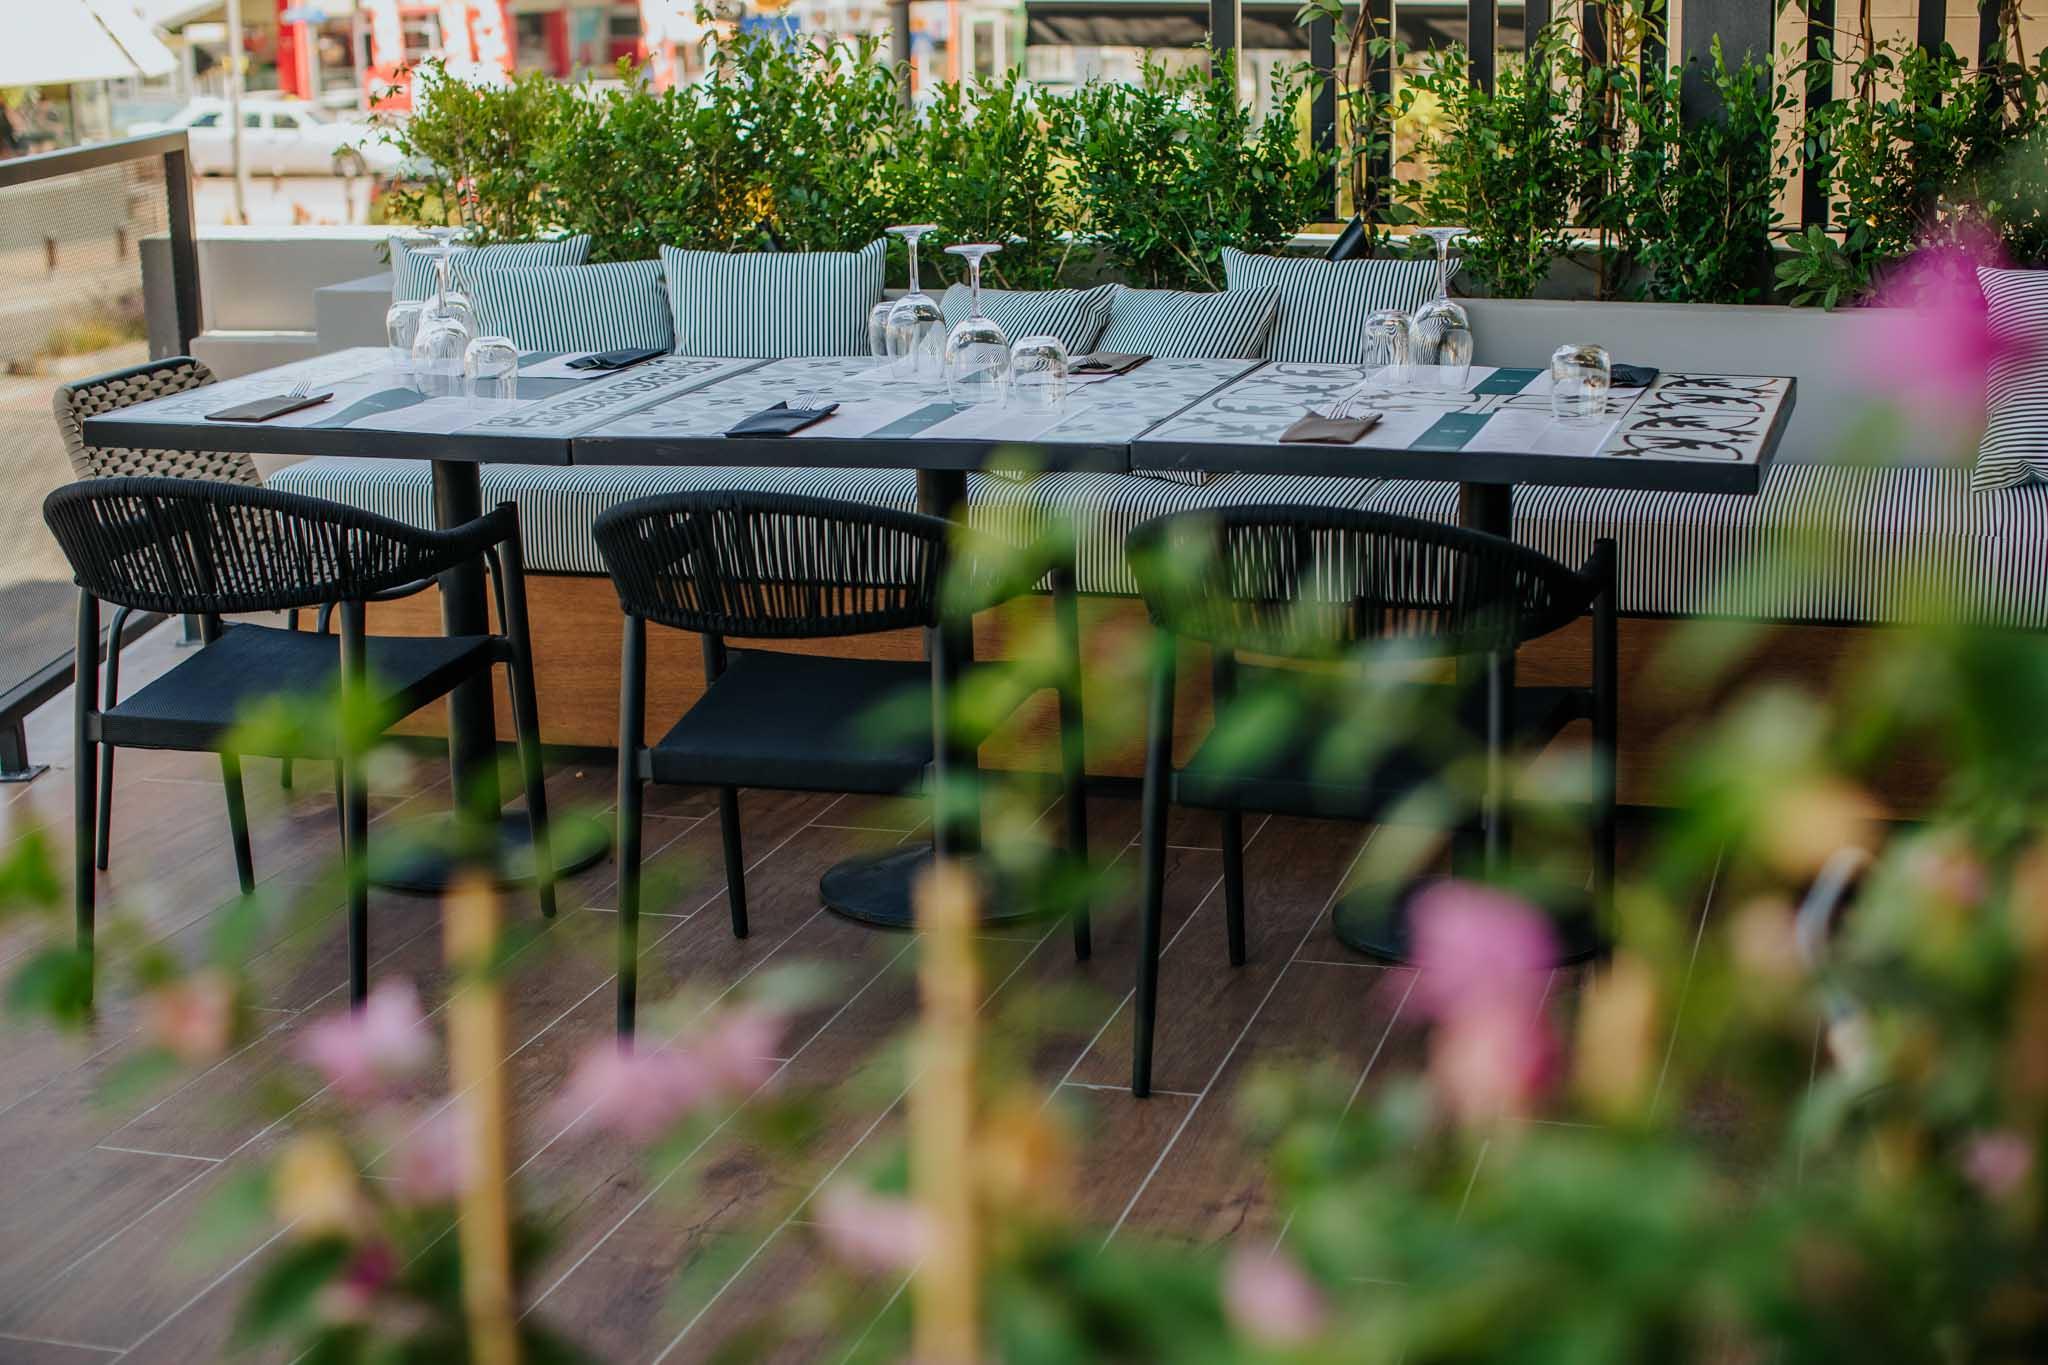 Napa-Plaza-restaurants-502